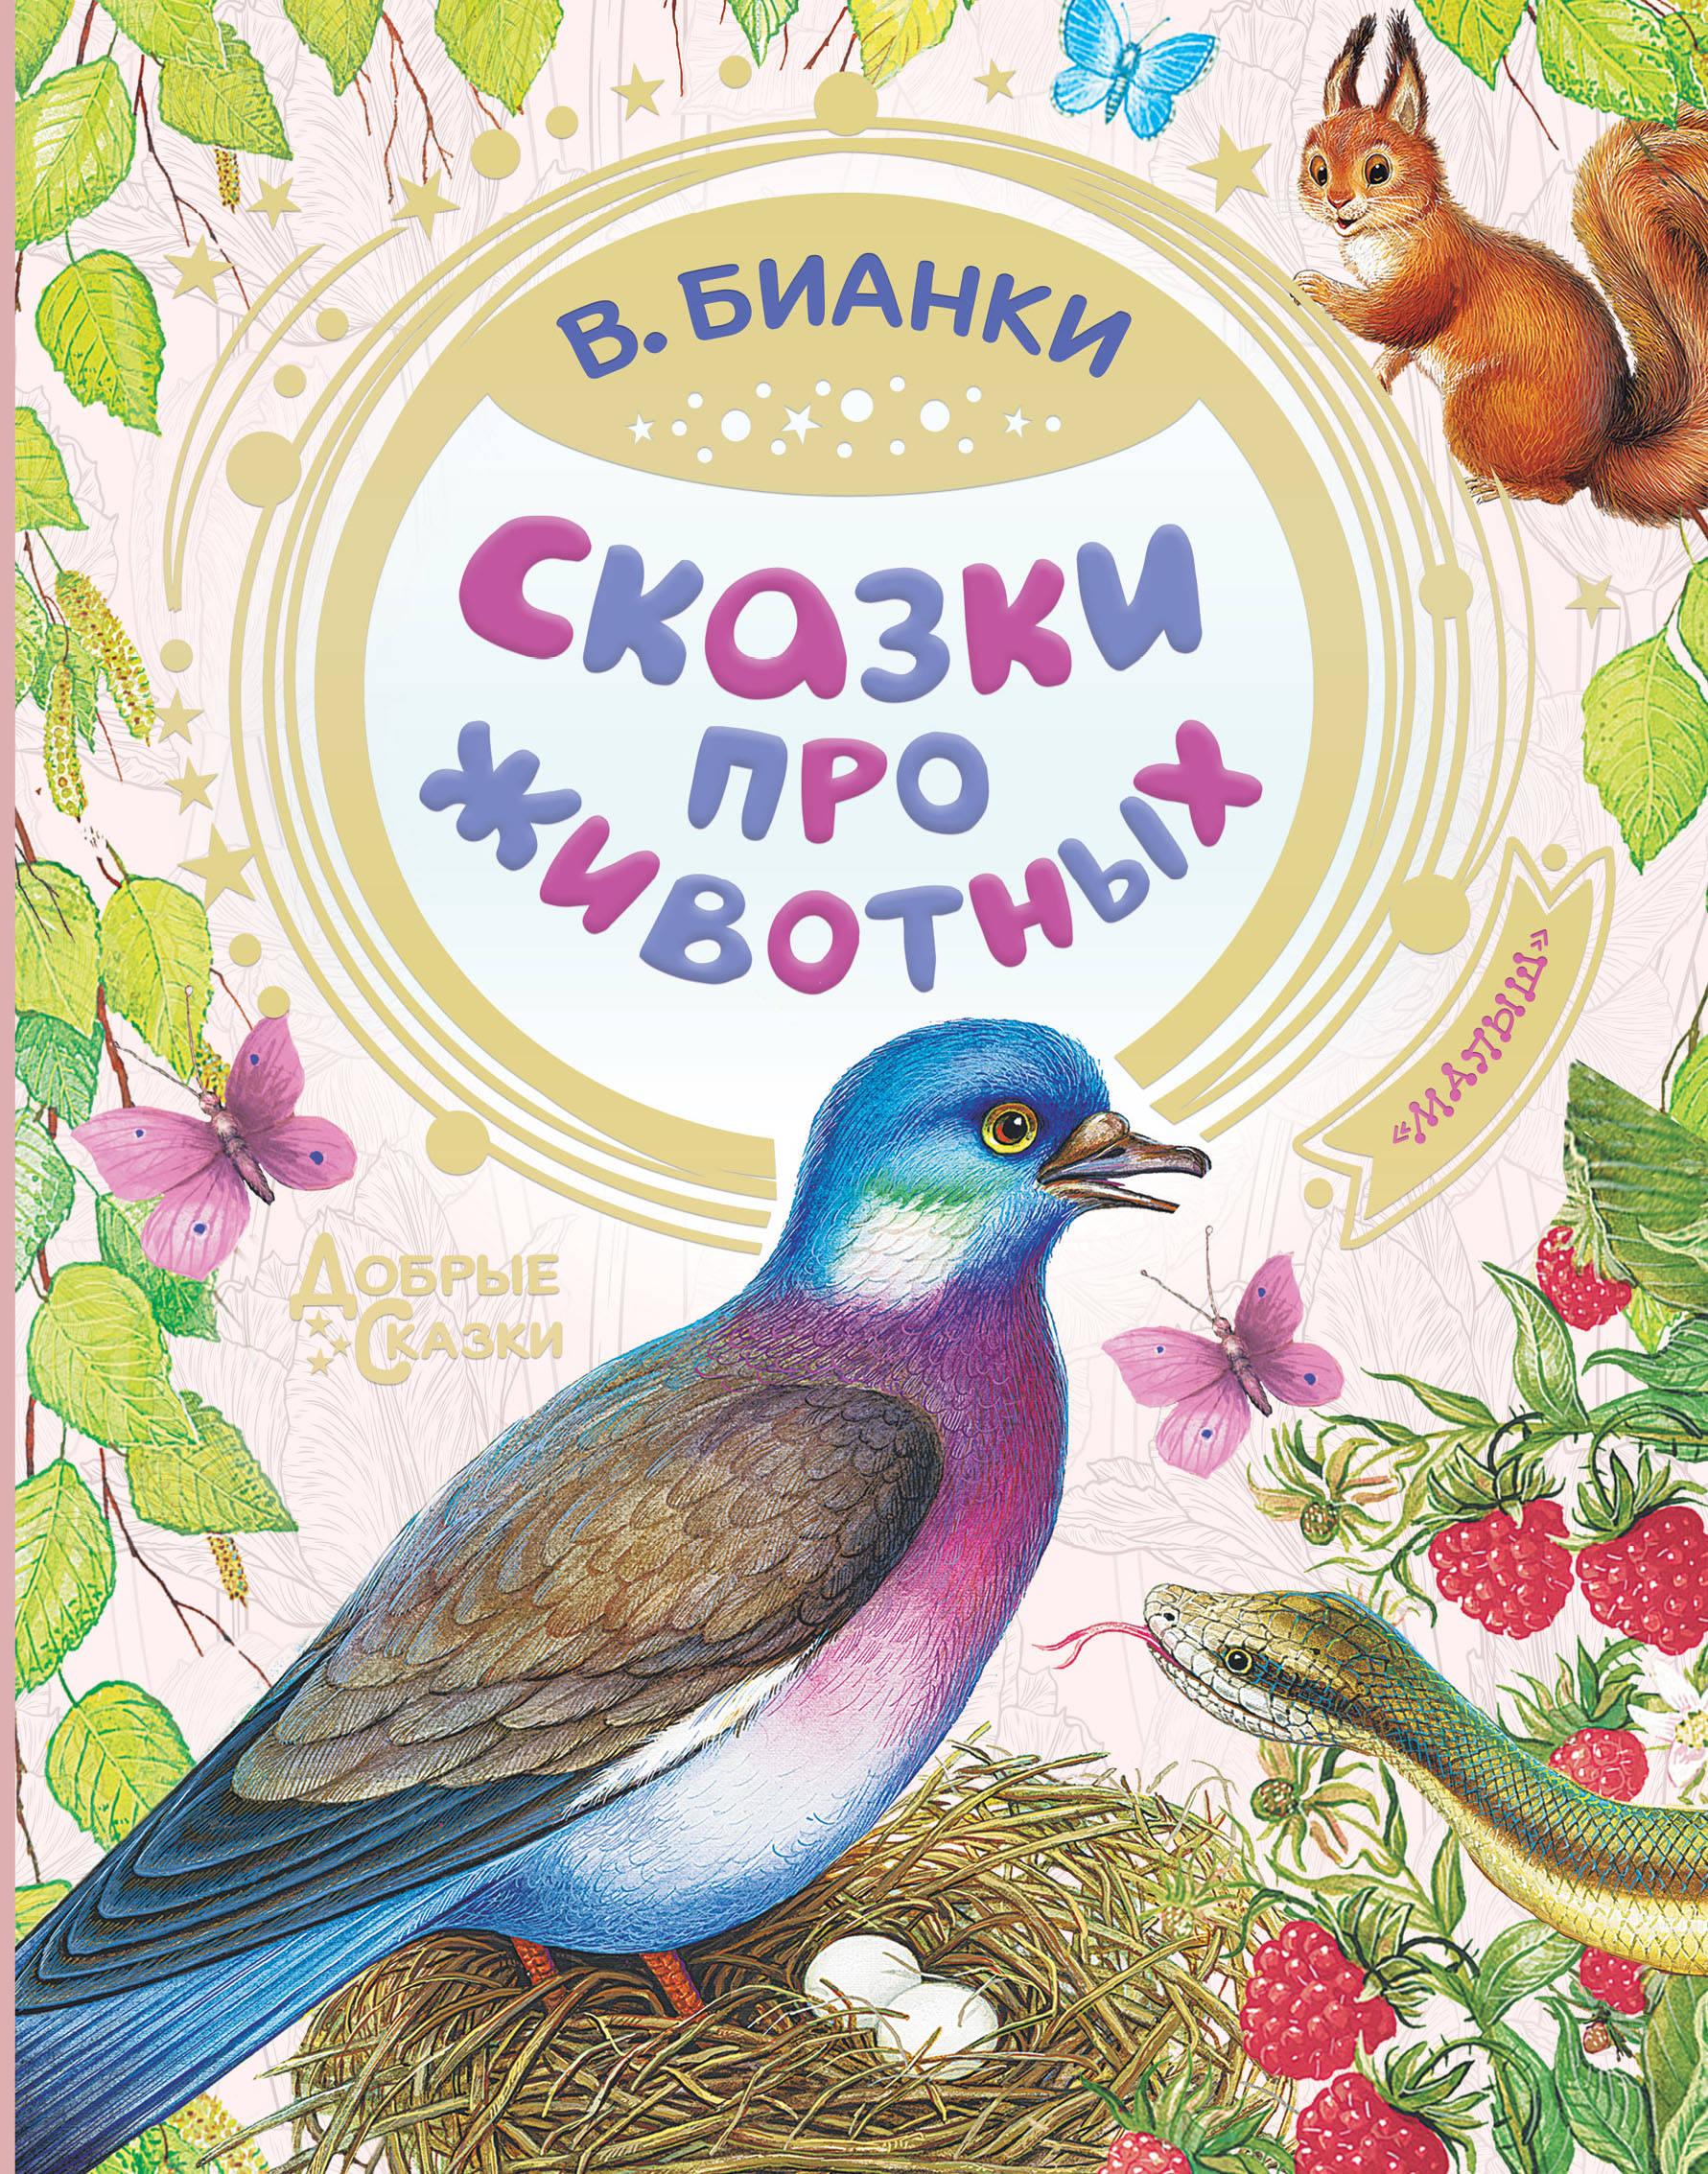 Картинки из детских книг про животных